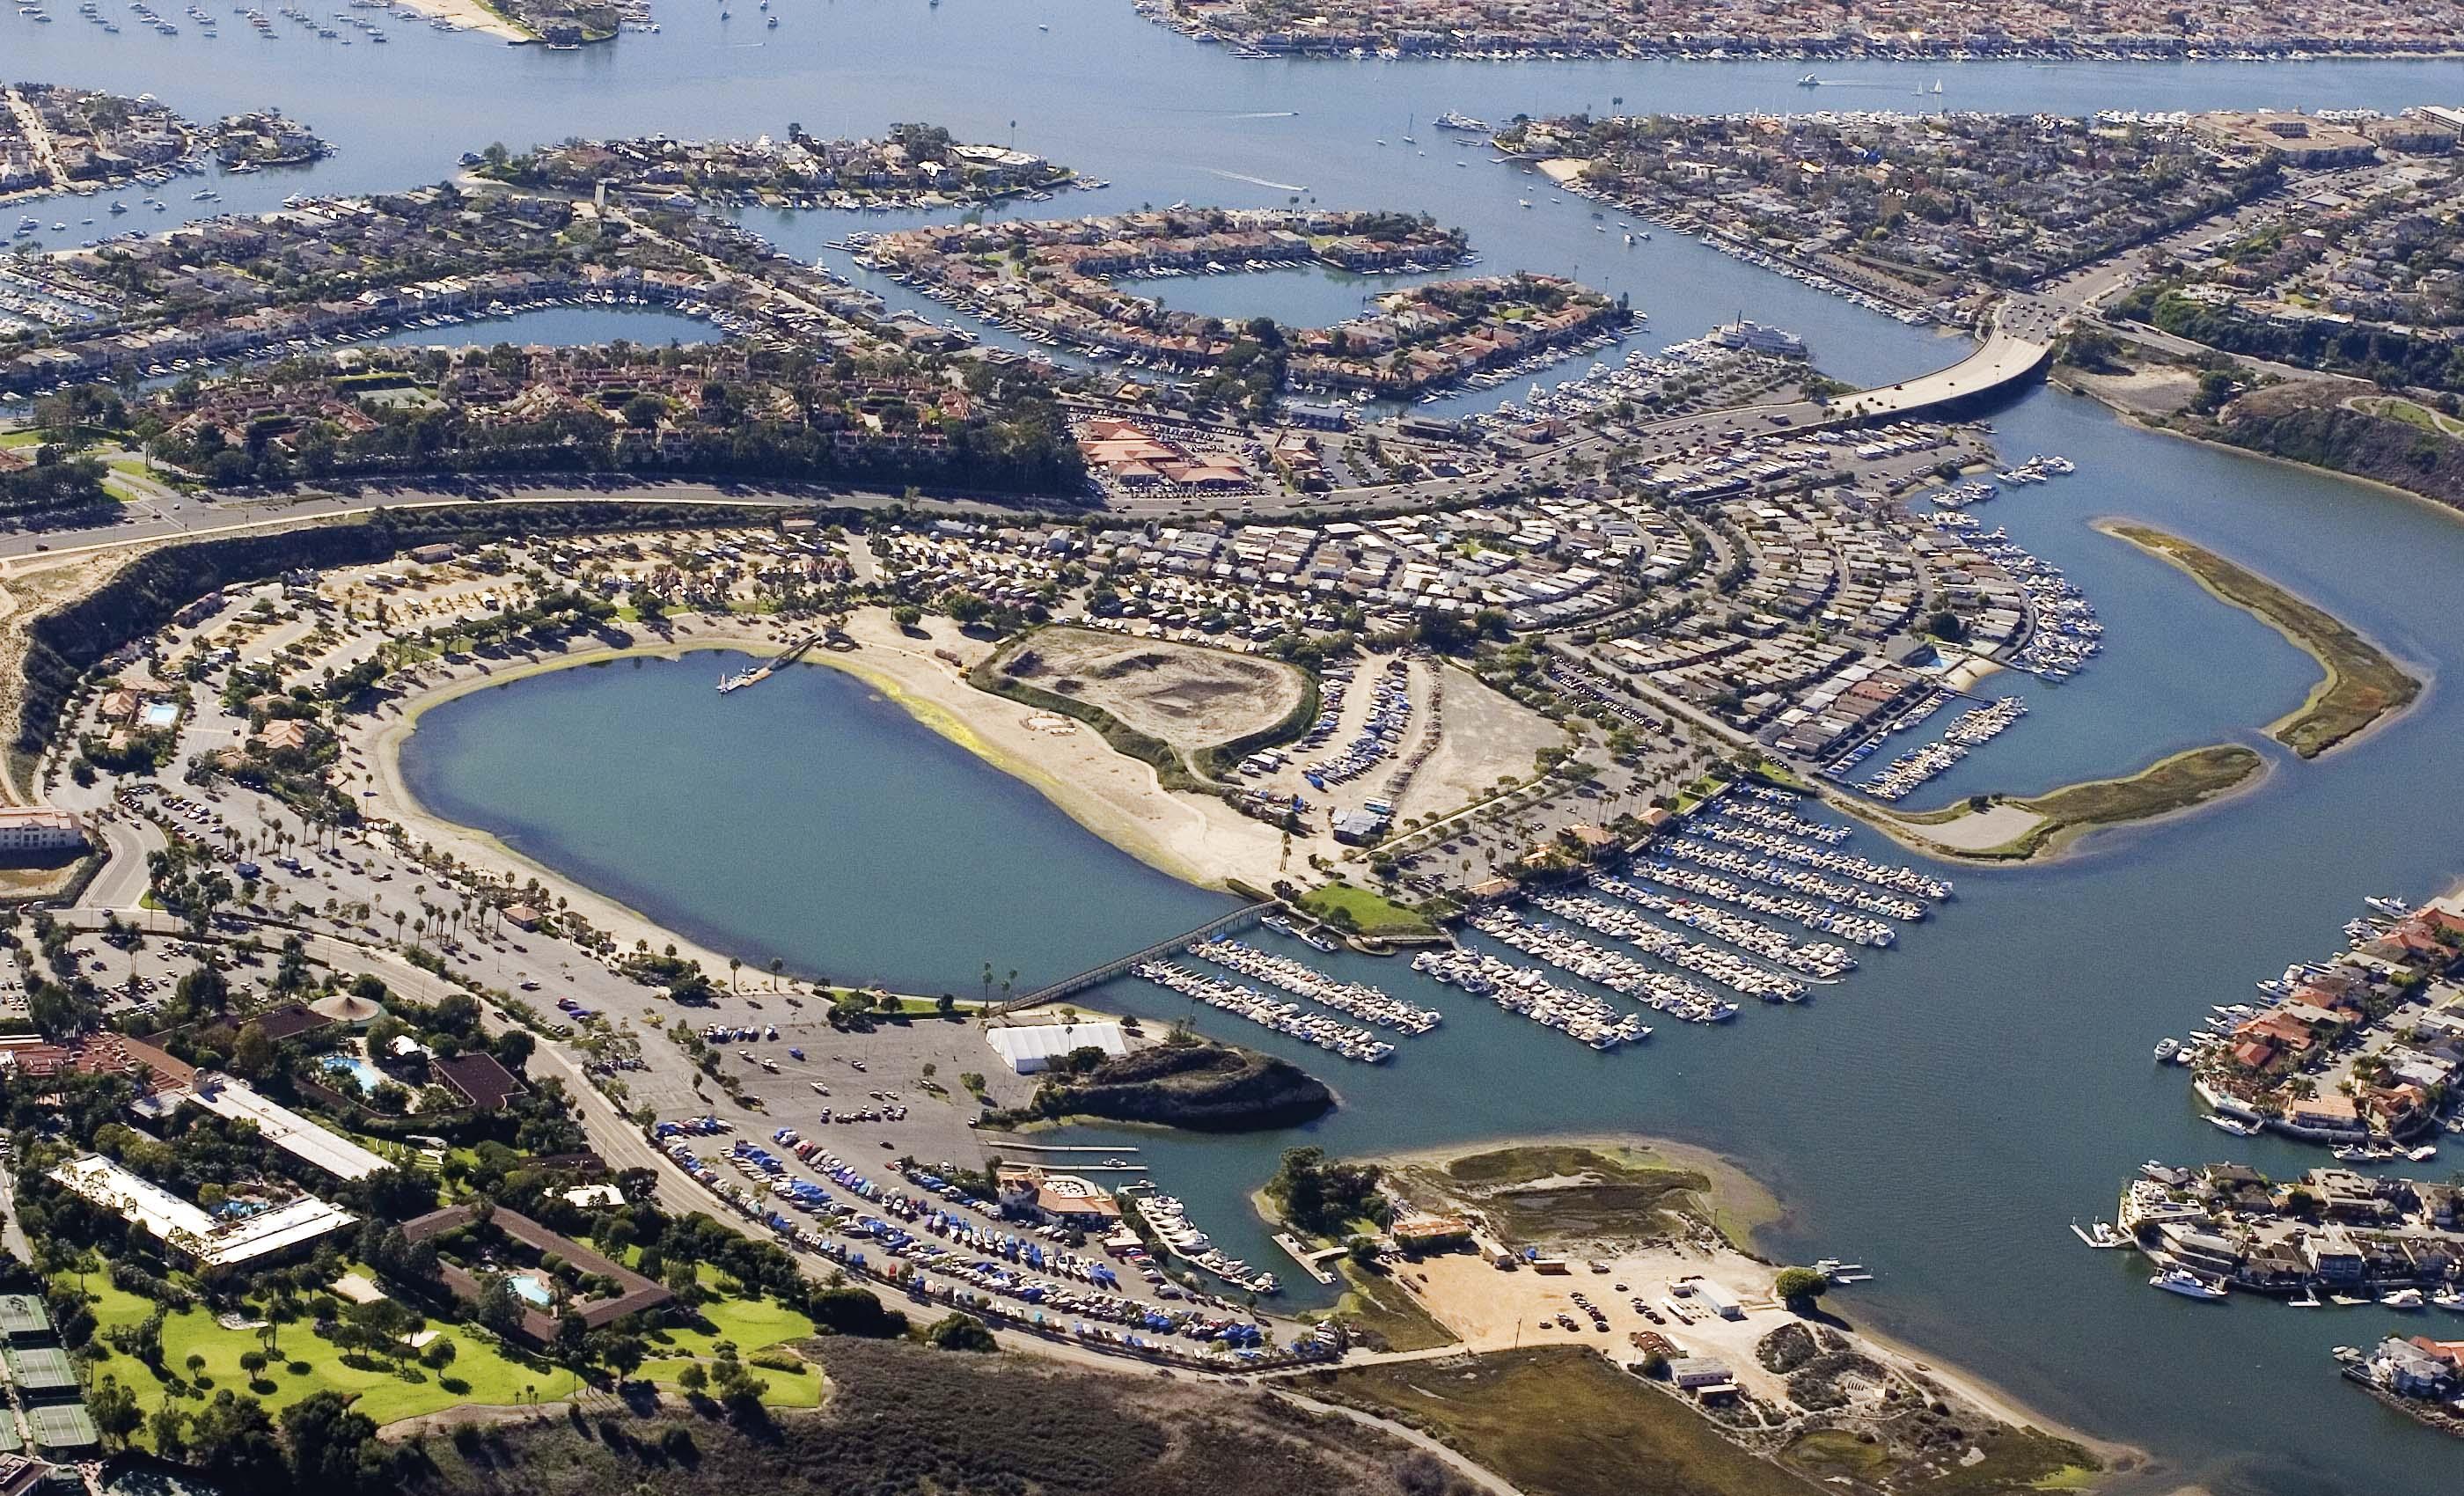 Arial View of Newport Dunes Waterfront Resort